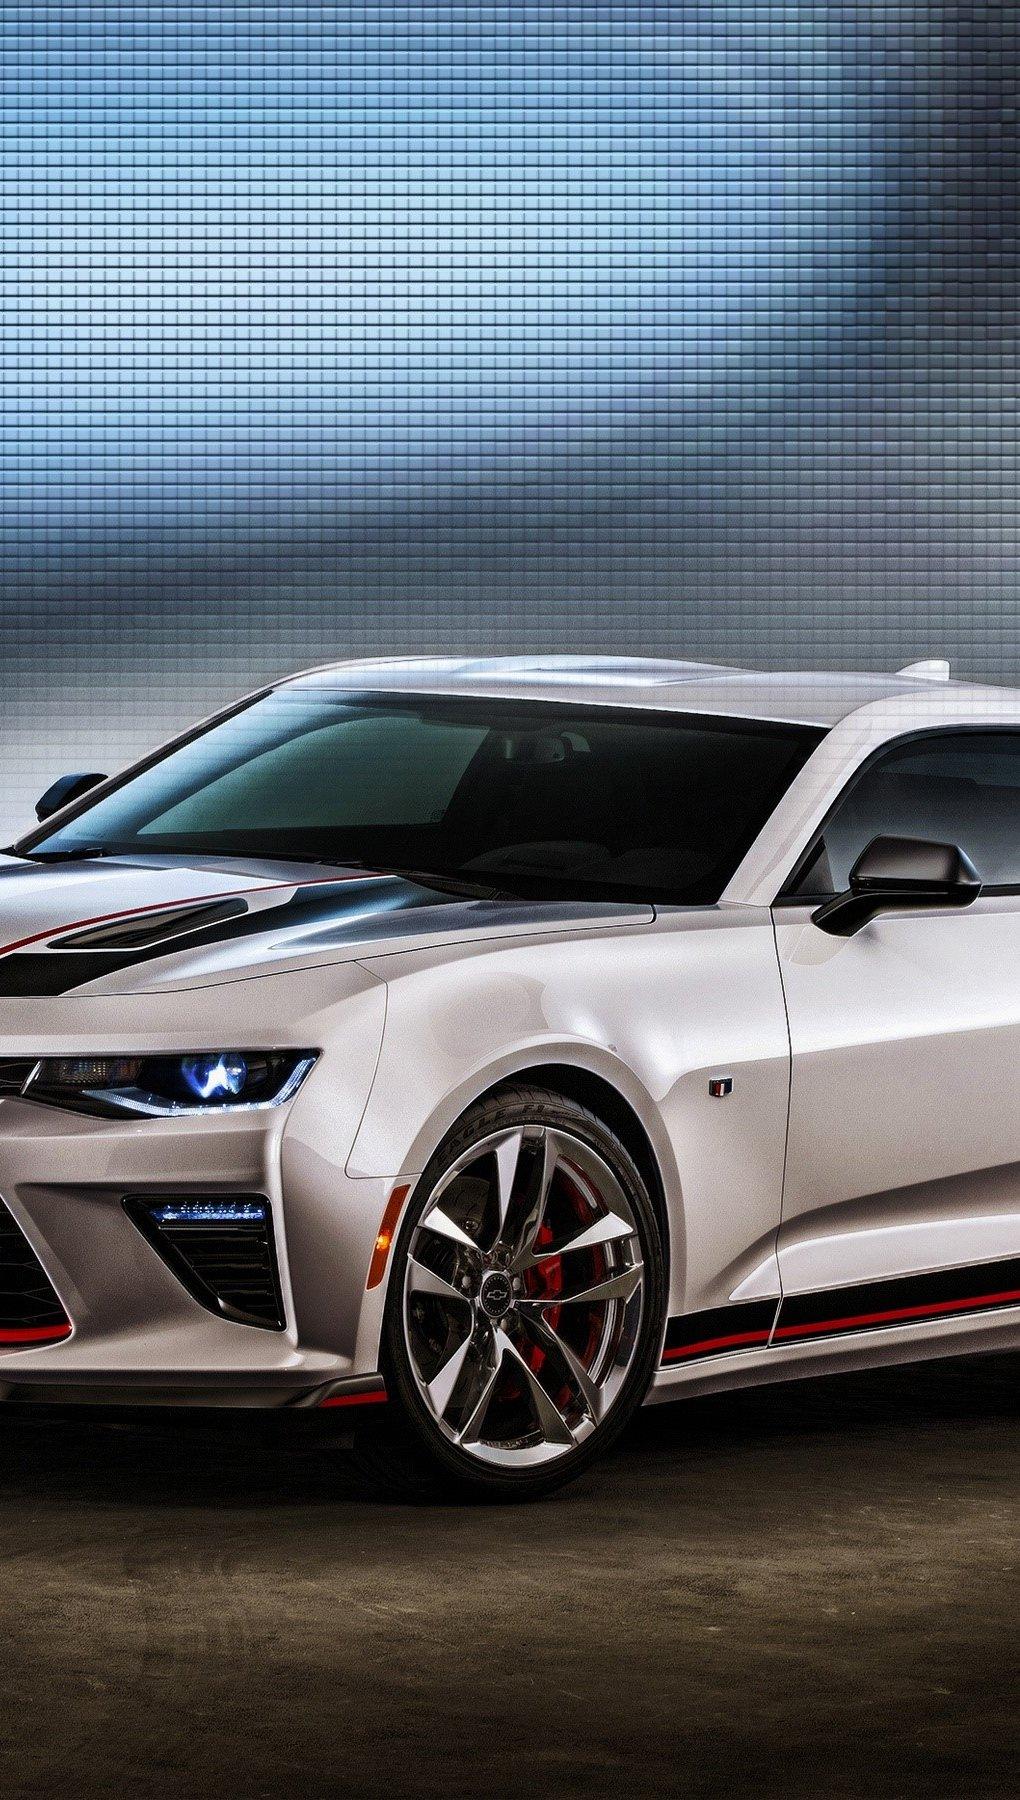 Fondos de pantalla Chevrolet Camaro SS Concept Vertical